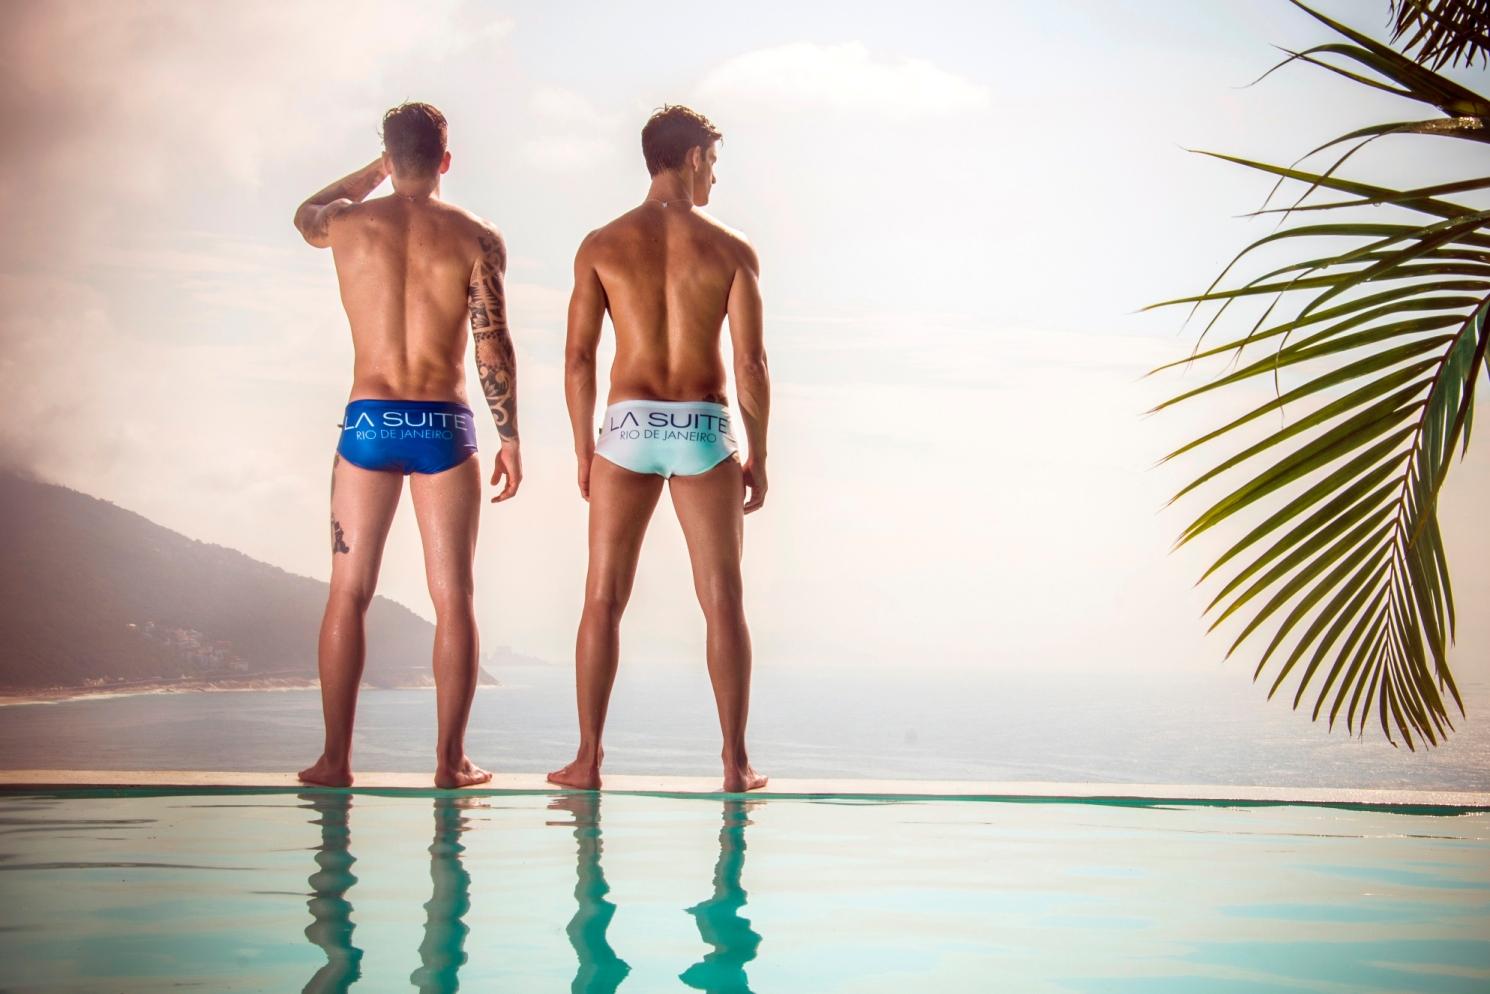 Miro Moreira & Danilo Borgato by Léo Castro